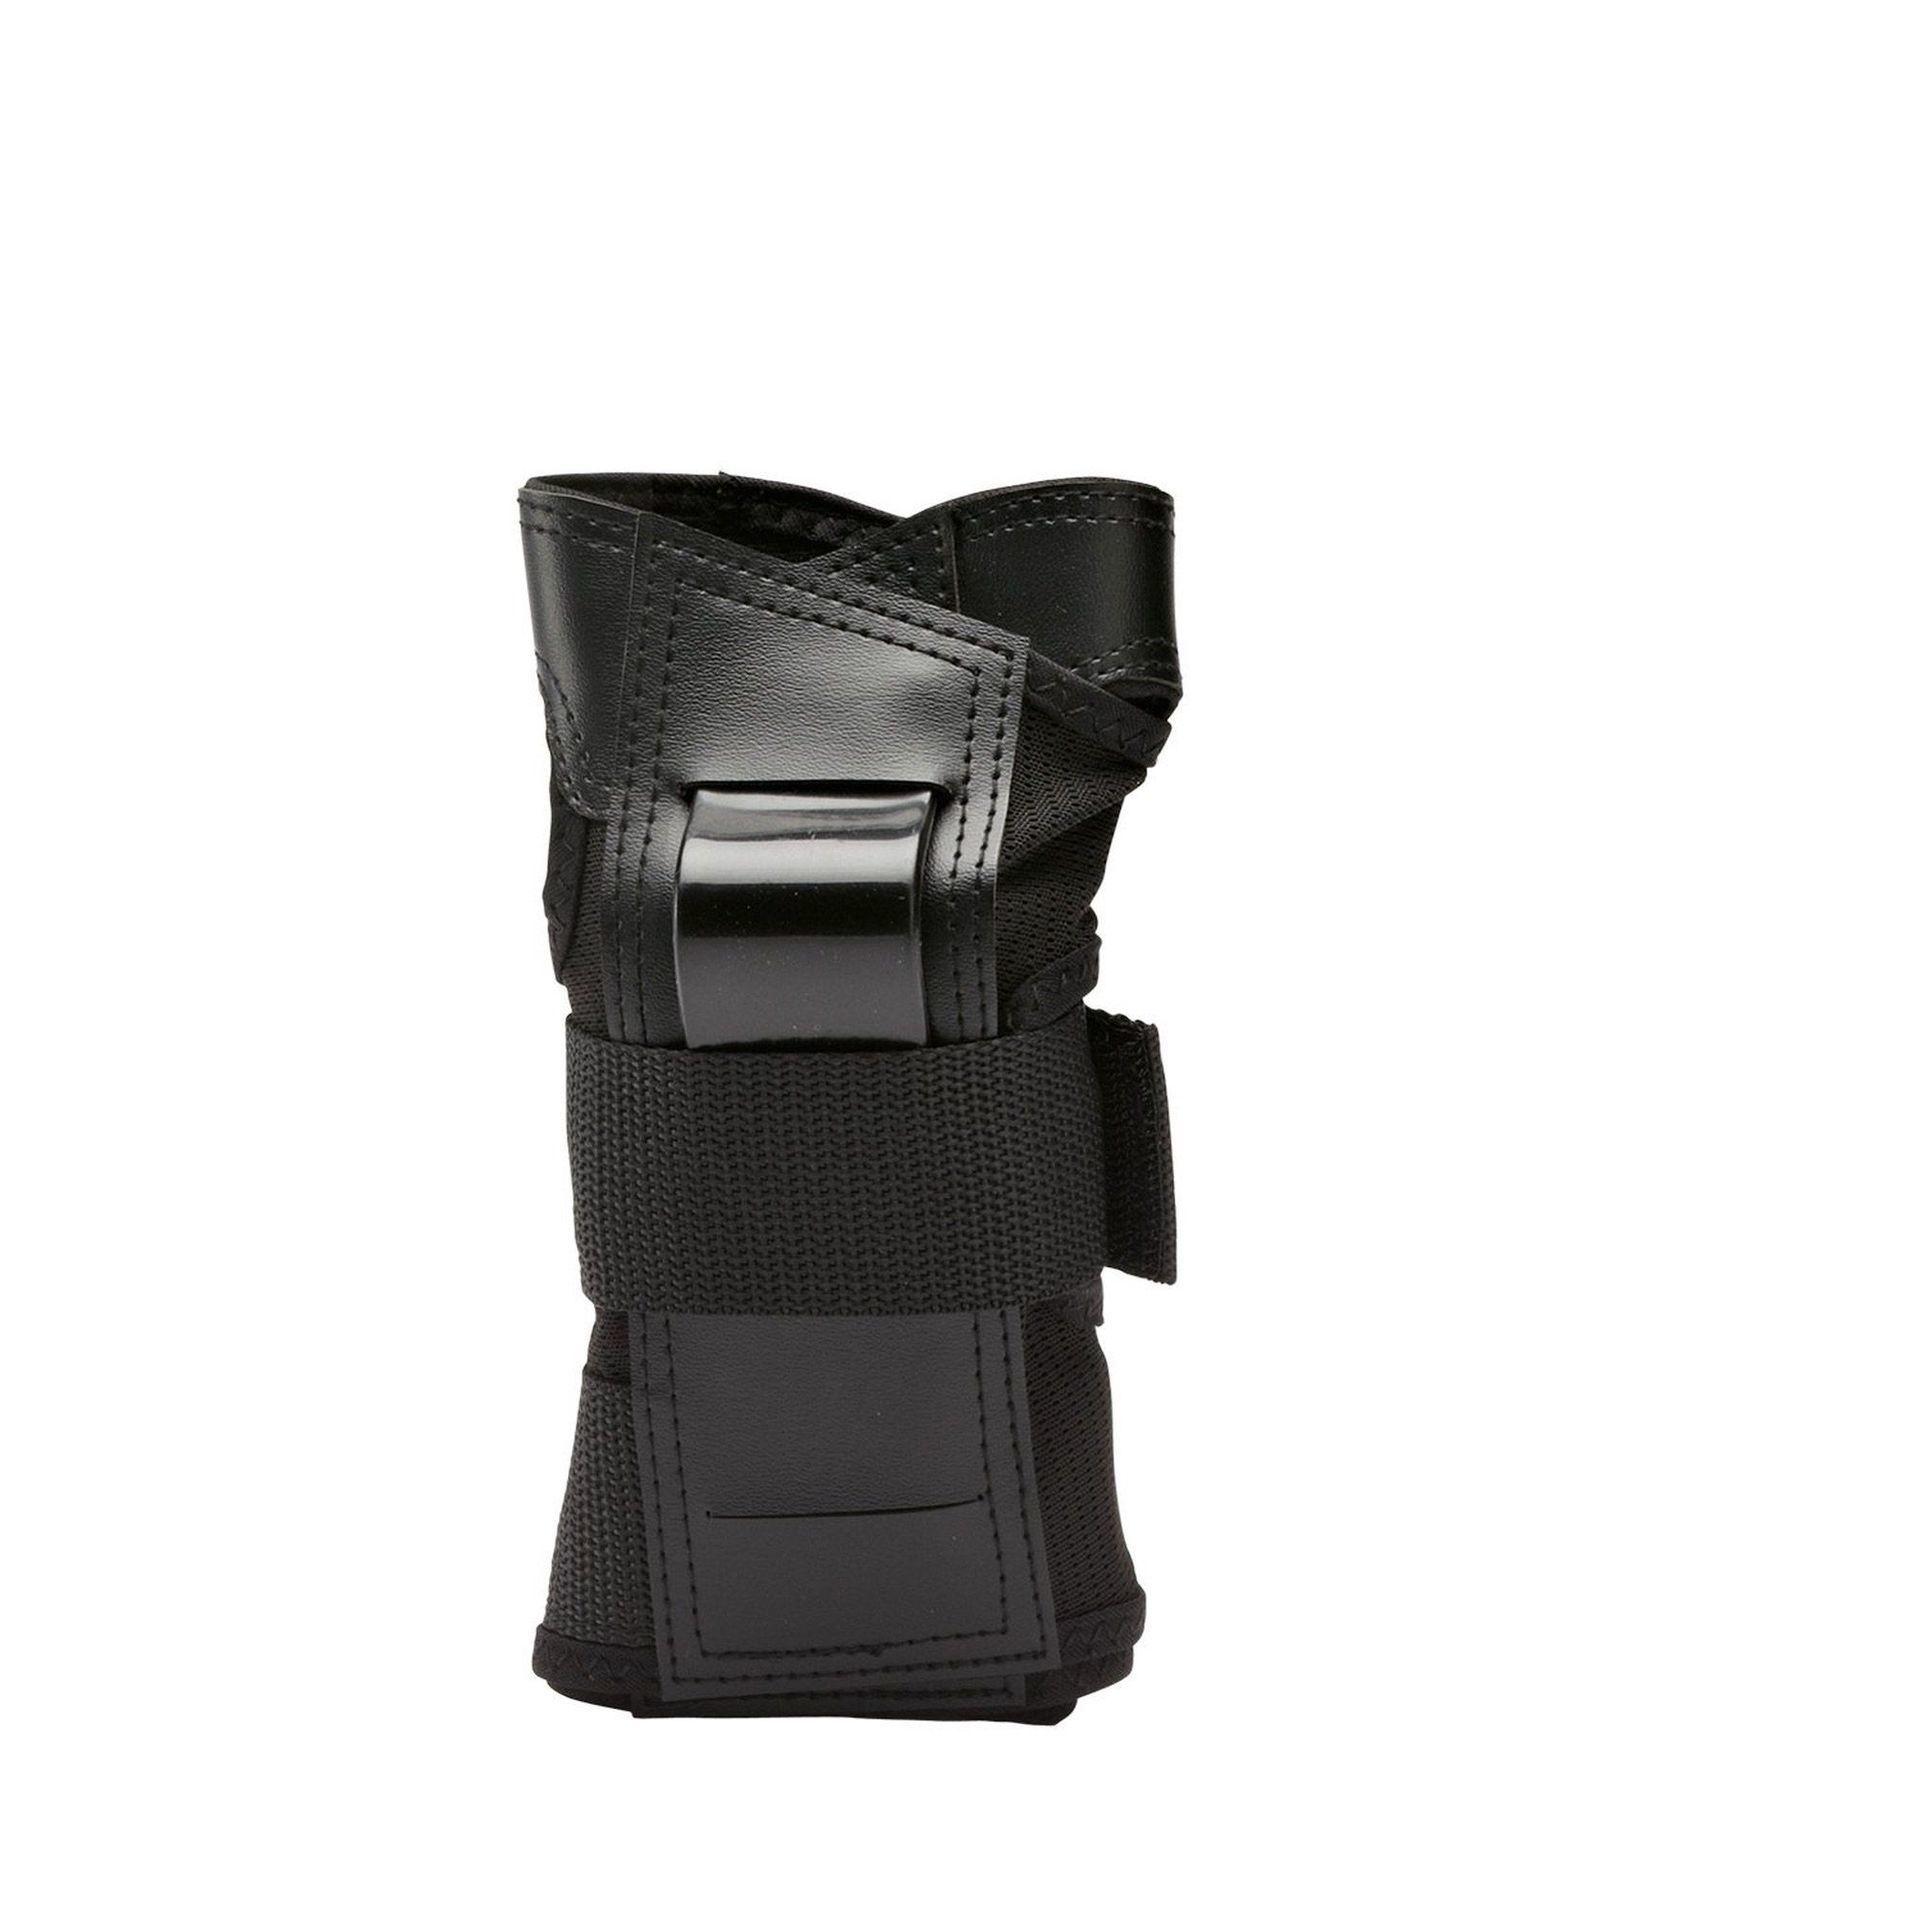 ZESTAW OCHRANIACZY NA ROLKI K2 PRIME WRIST GUARD M BLACK 3041501